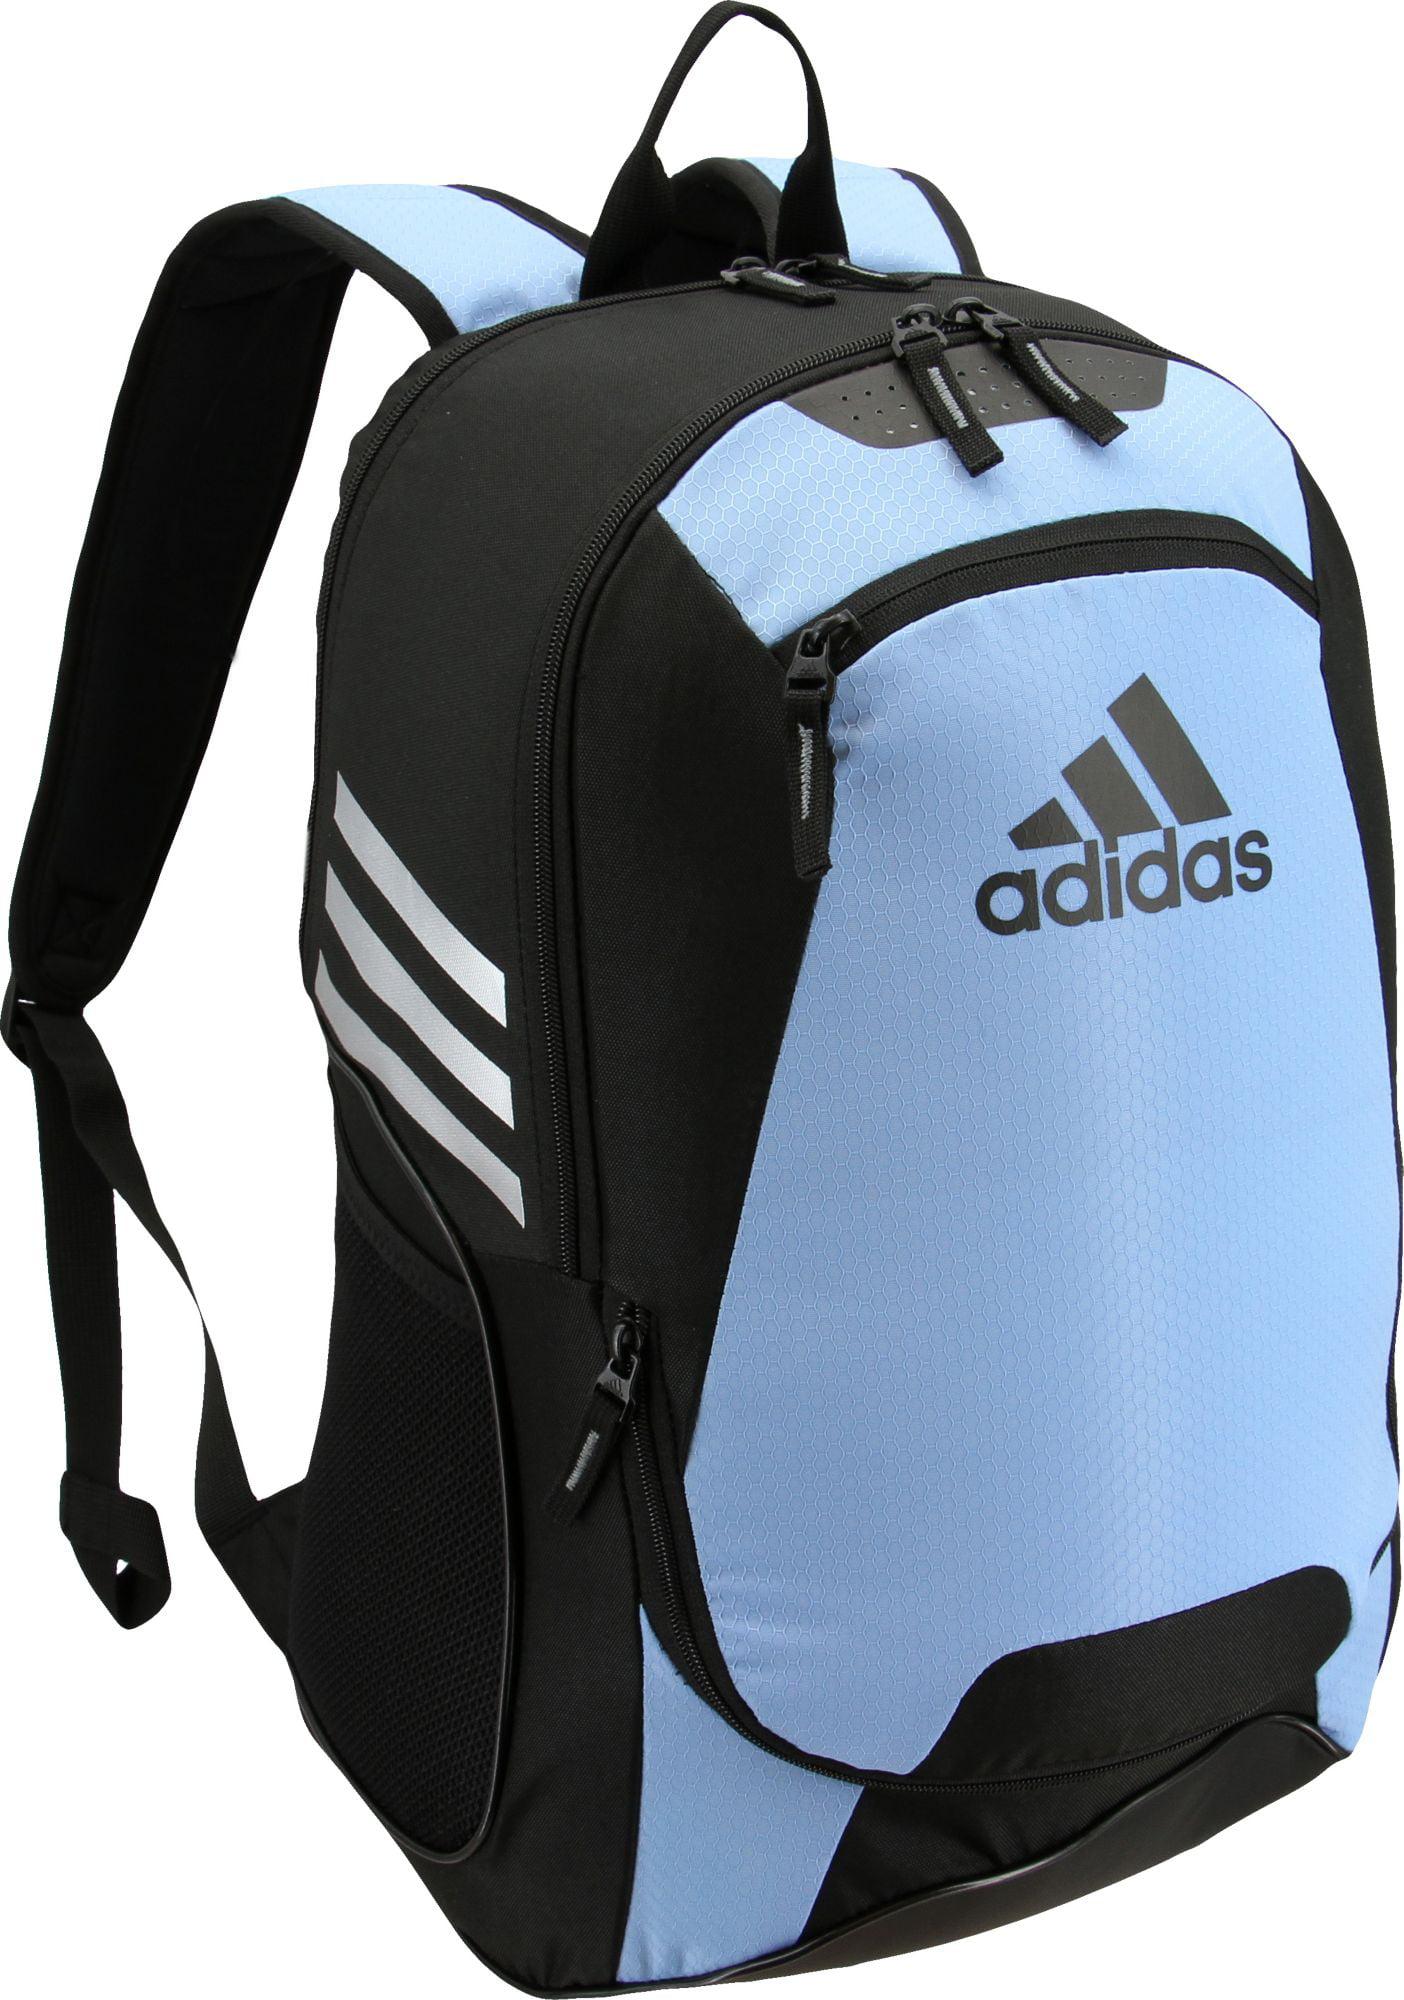 stadium ii soccer backpack